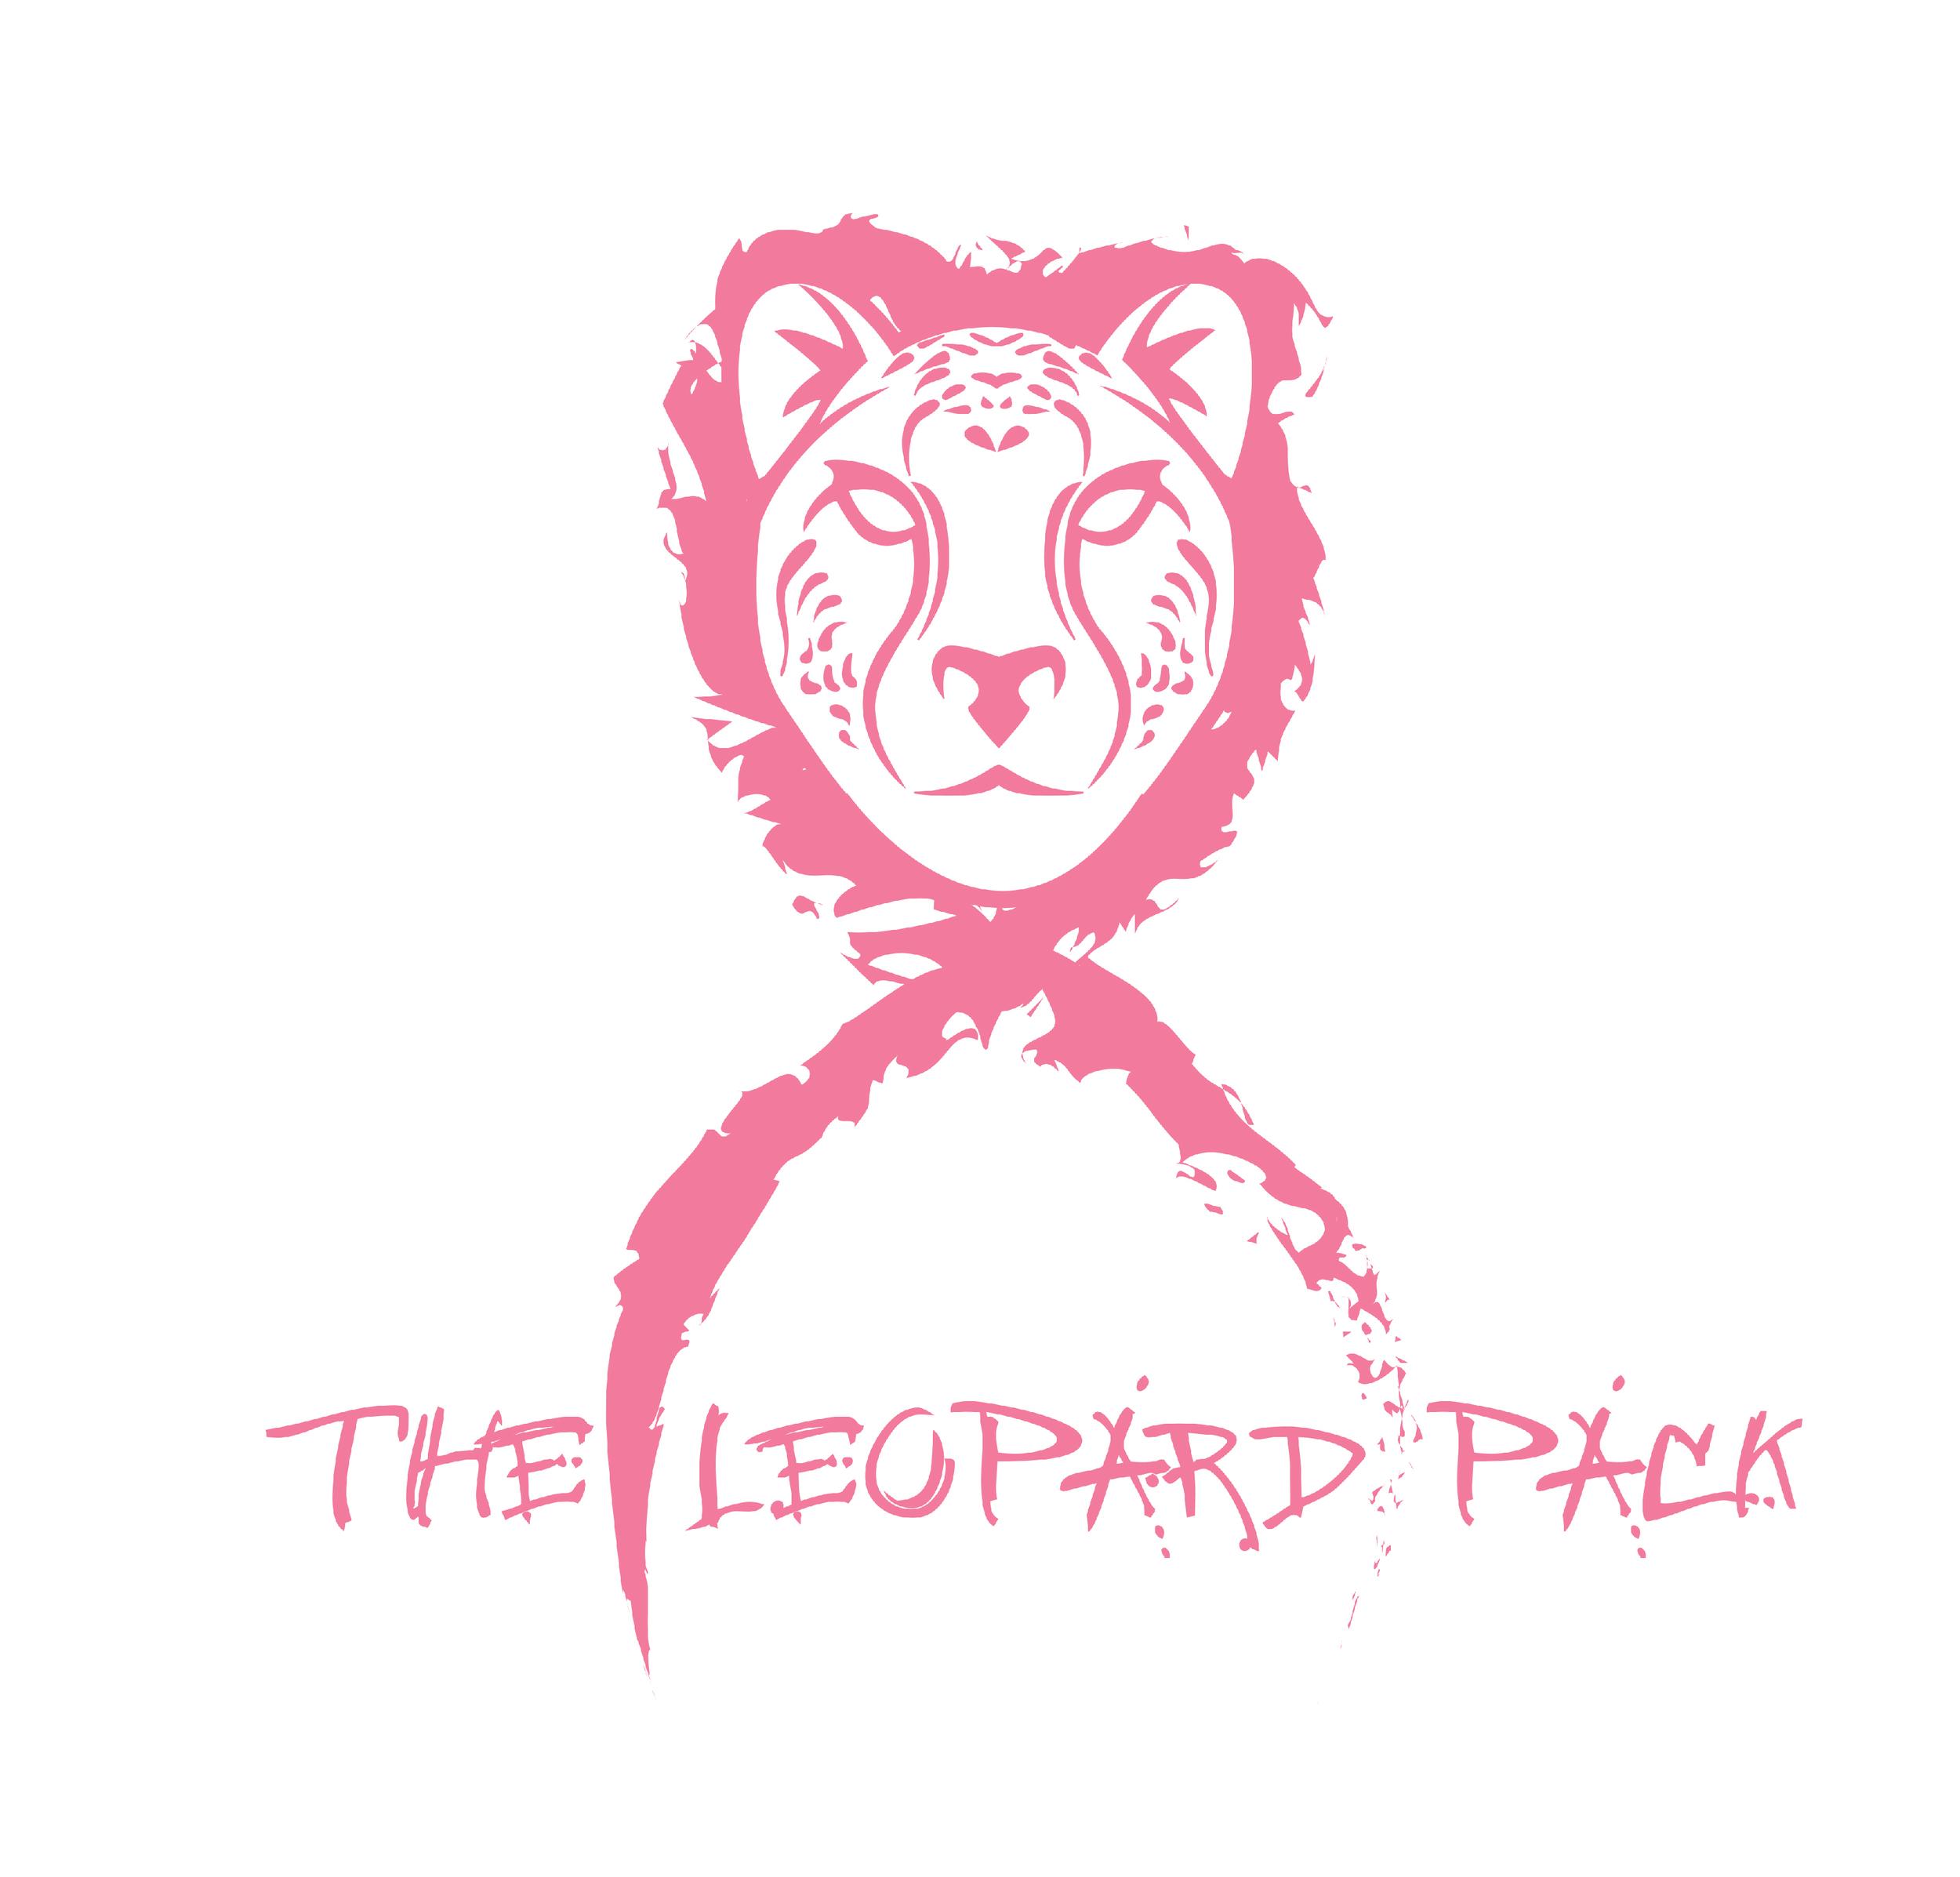 leopardpacklogo1.jpg